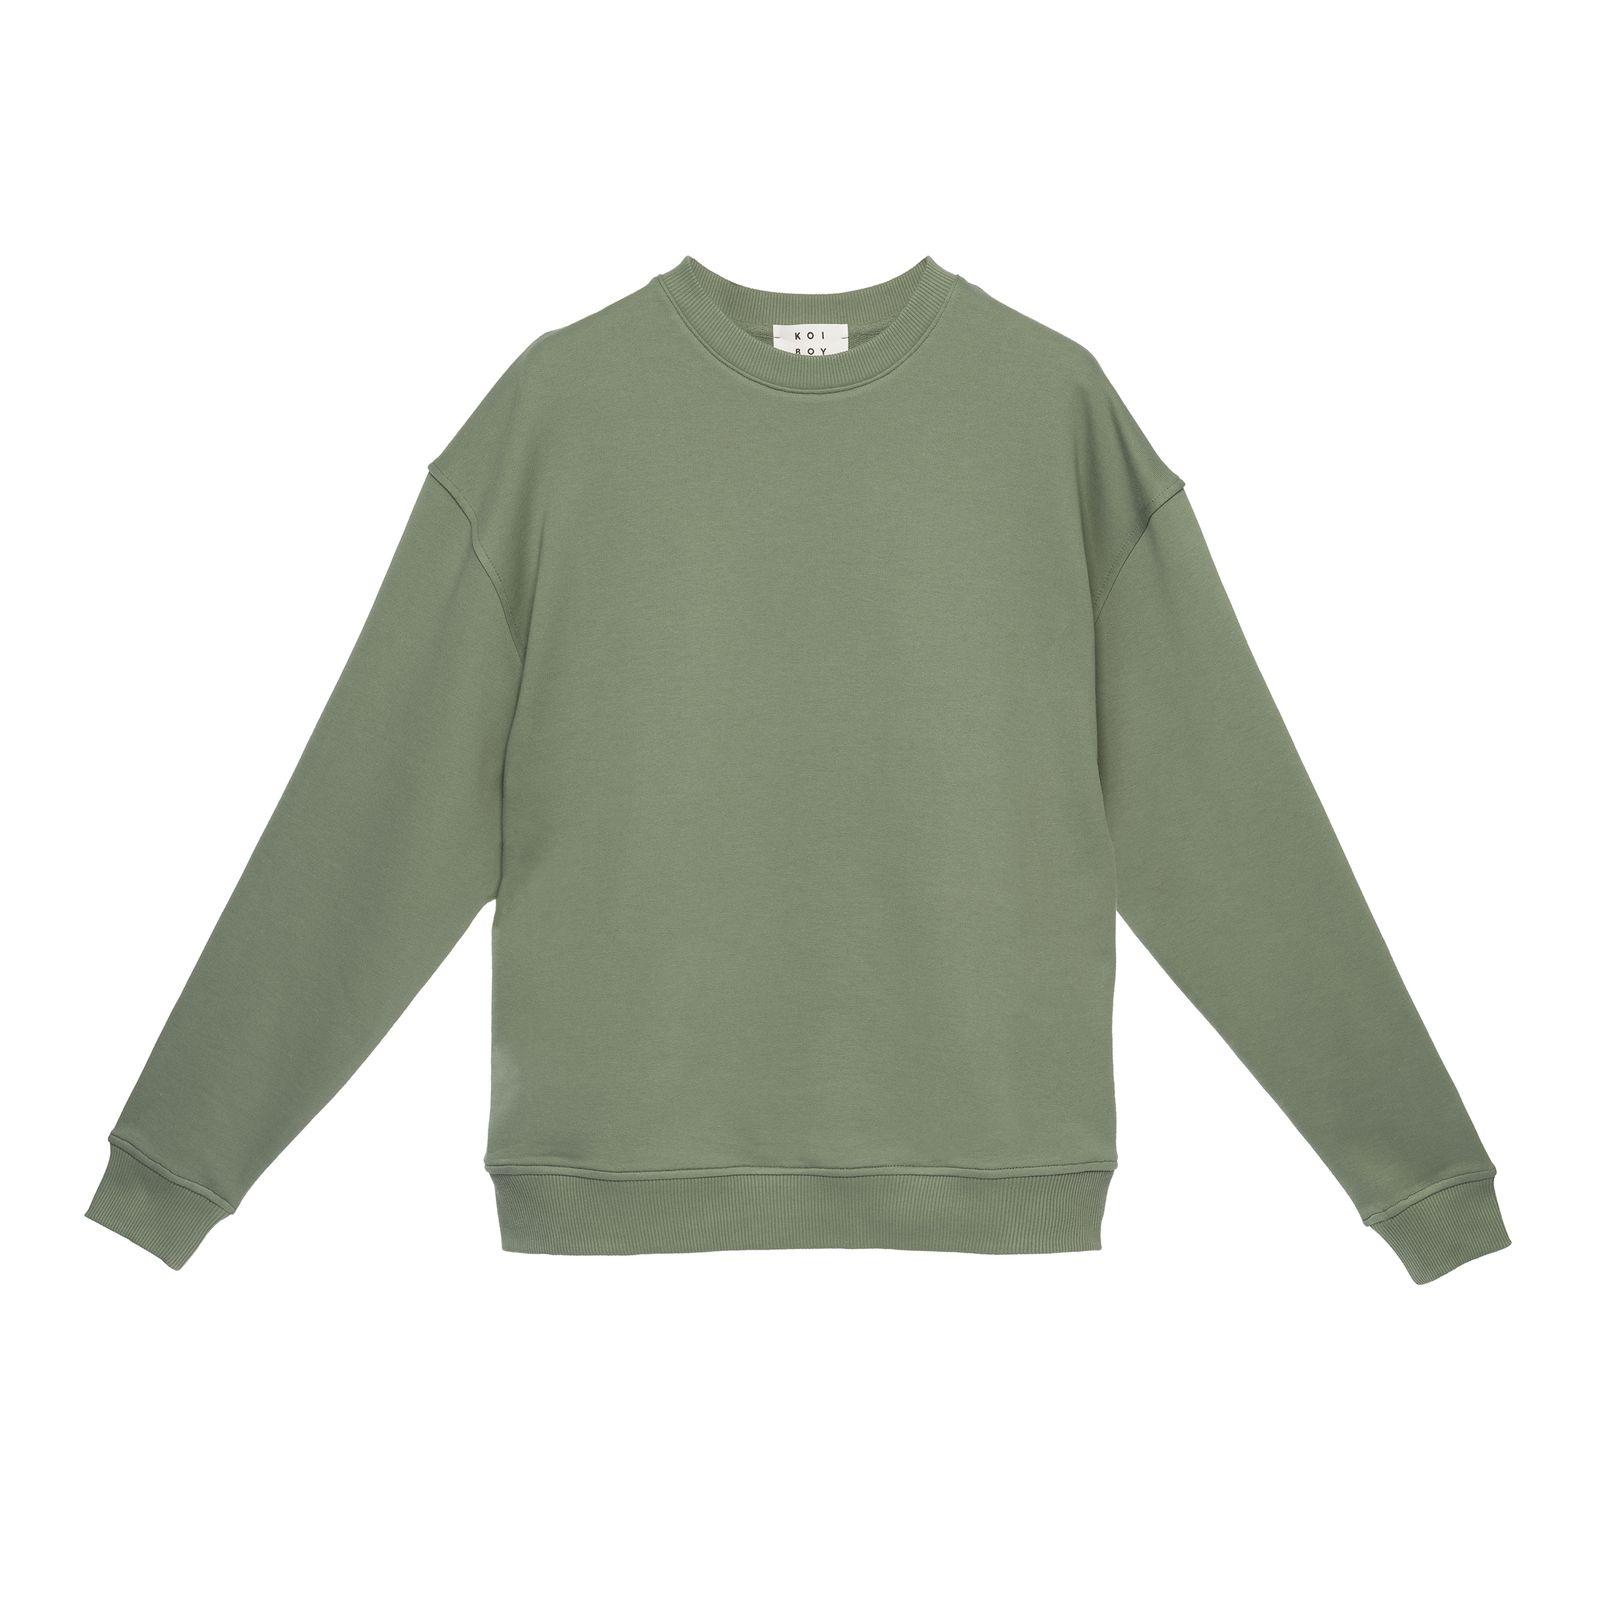 سویشرت مردانه کوی مدل 402 رنگ سبز -  - 1